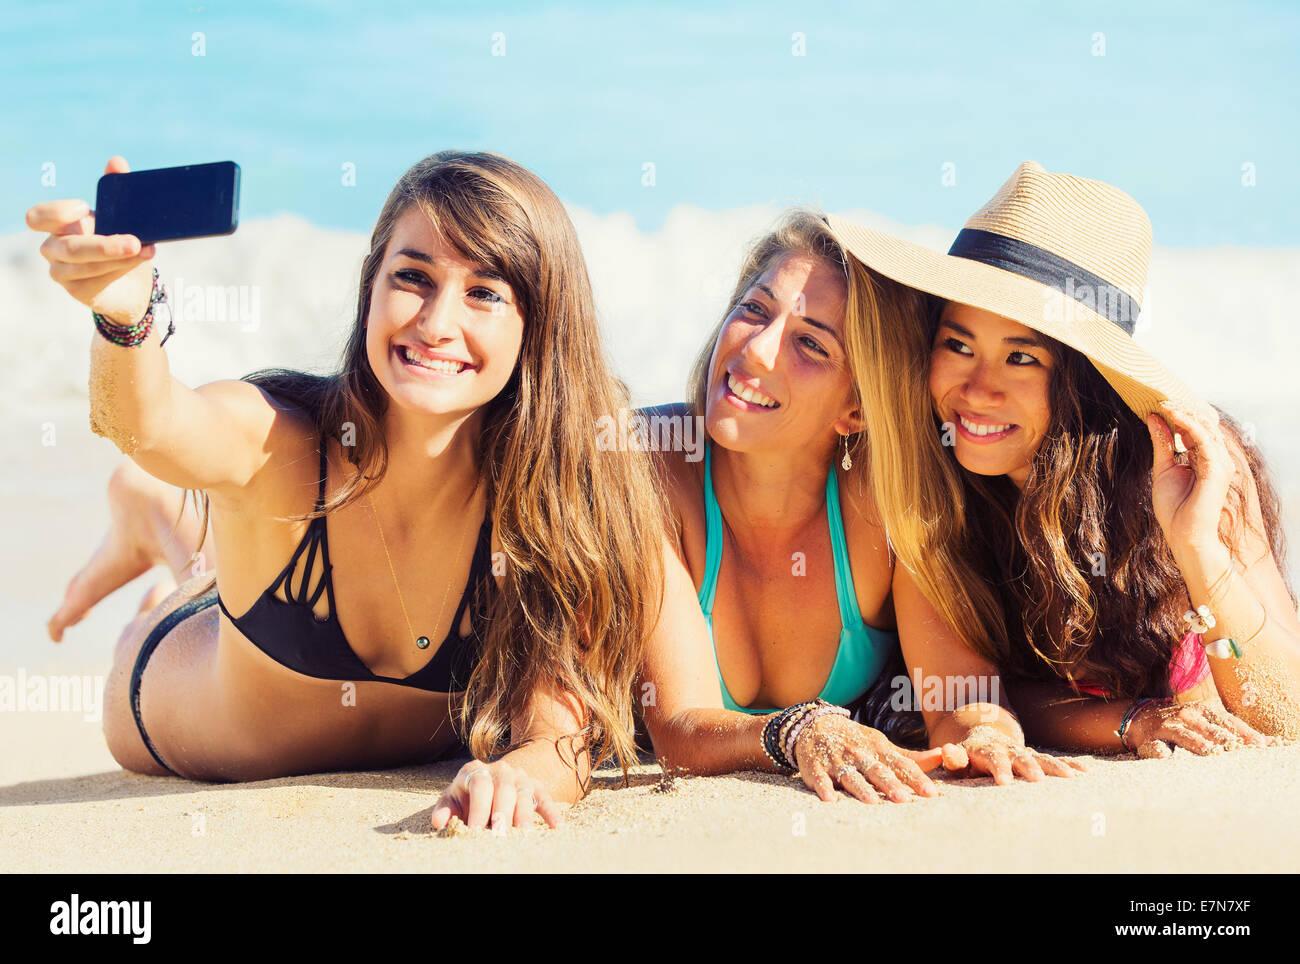 Chicas que se divierten en la playa tomando el autorretrato con el teléfono inteligente. Verano divertido estilo Imagen De Stock